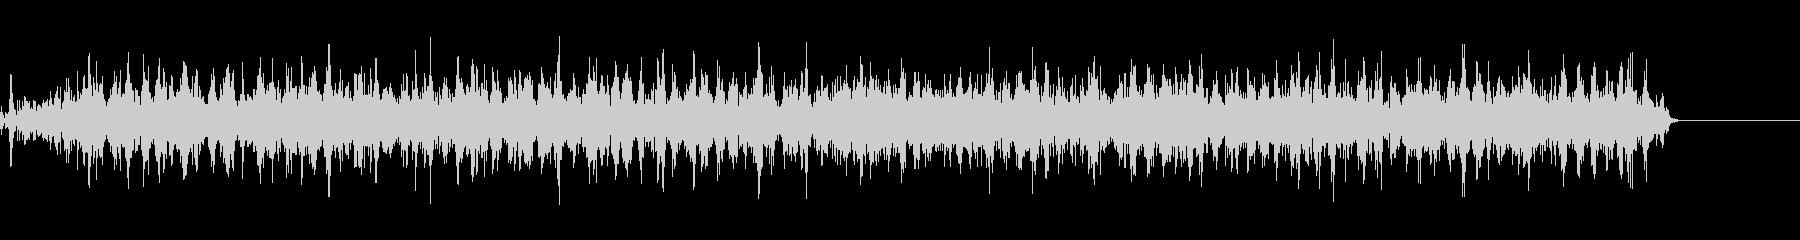 機械稼働音 2の未再生の波形